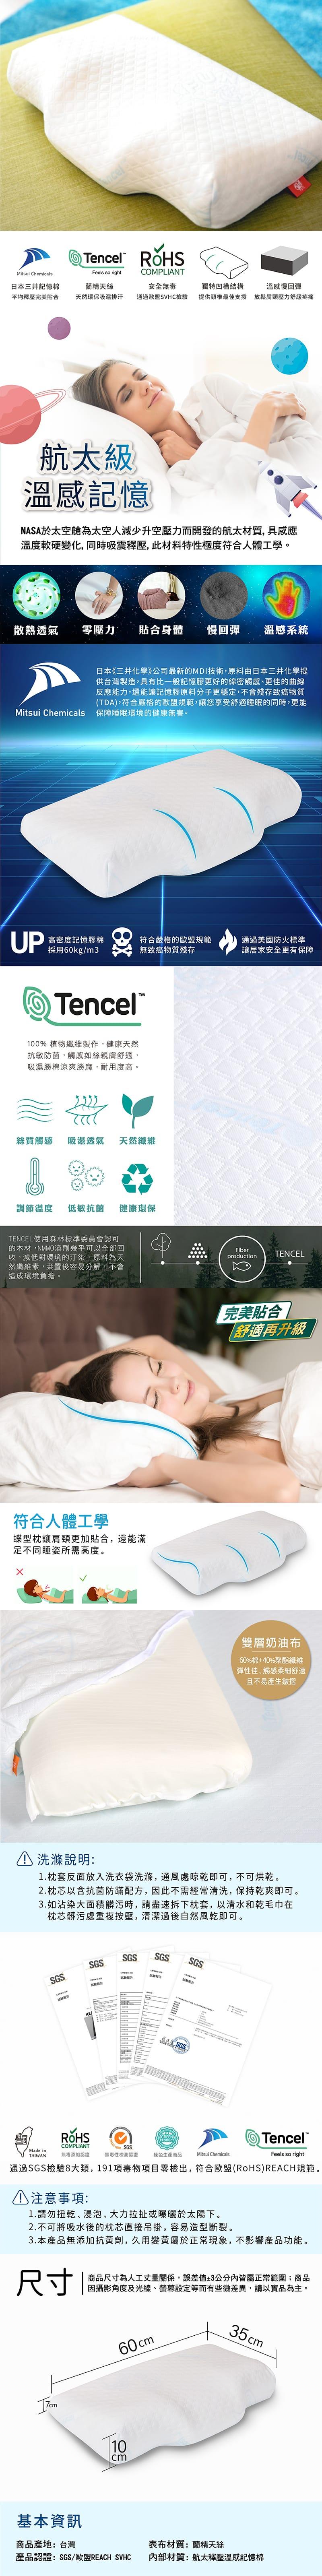 透氣抗菌蝶型記憶枕(護頸型)